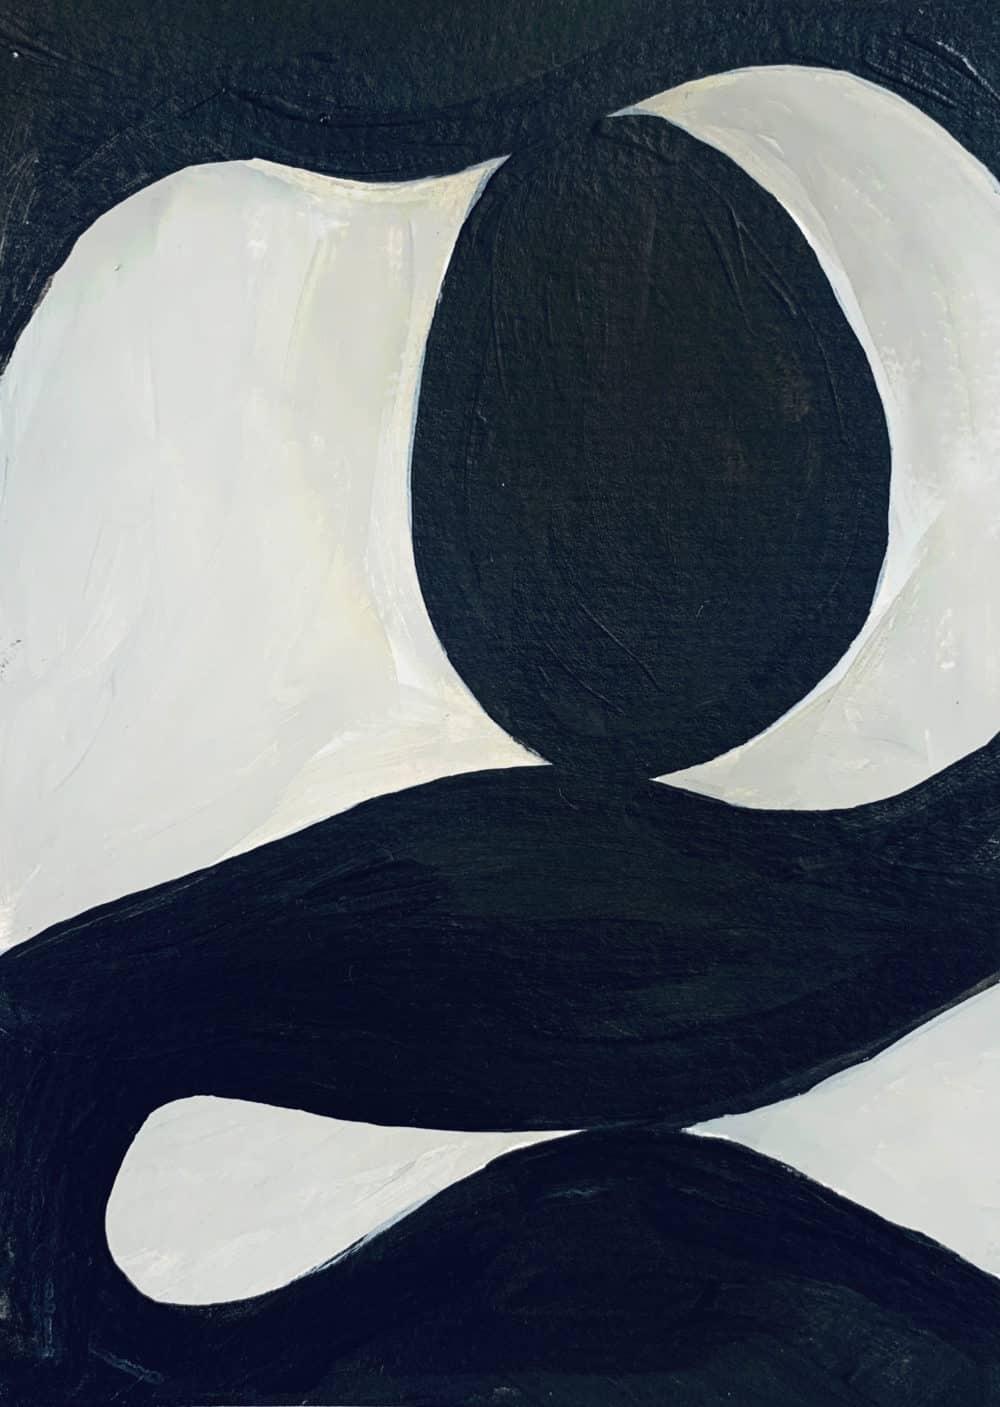 Ölgemälde auf Leinwand minimalistische Form Schwarz Weiß